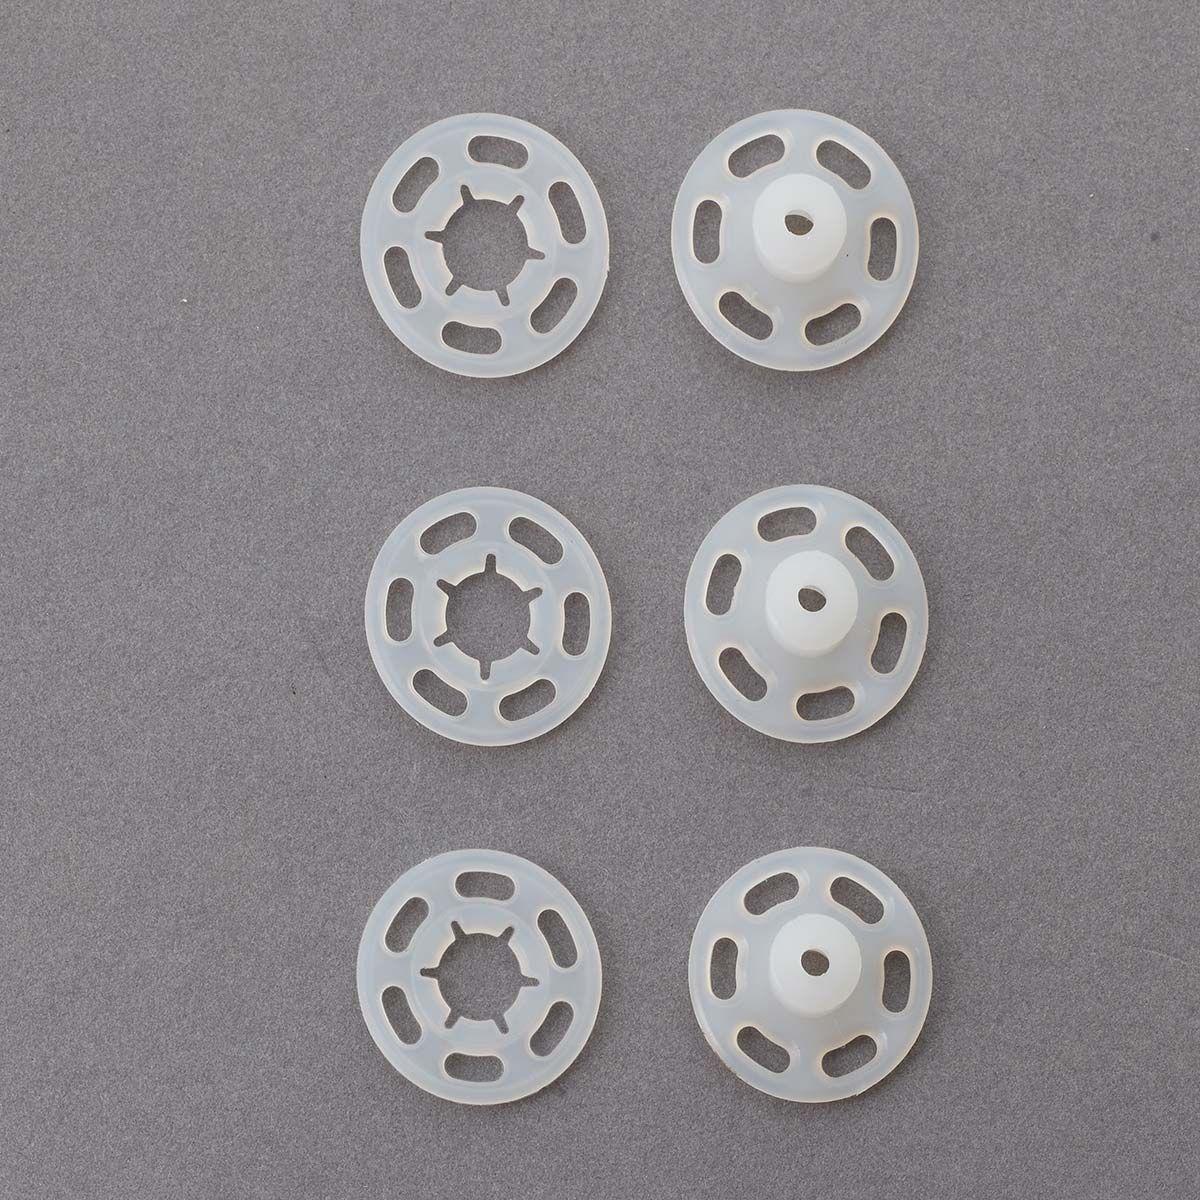 Boutons pression plastiques transparents 7 mm